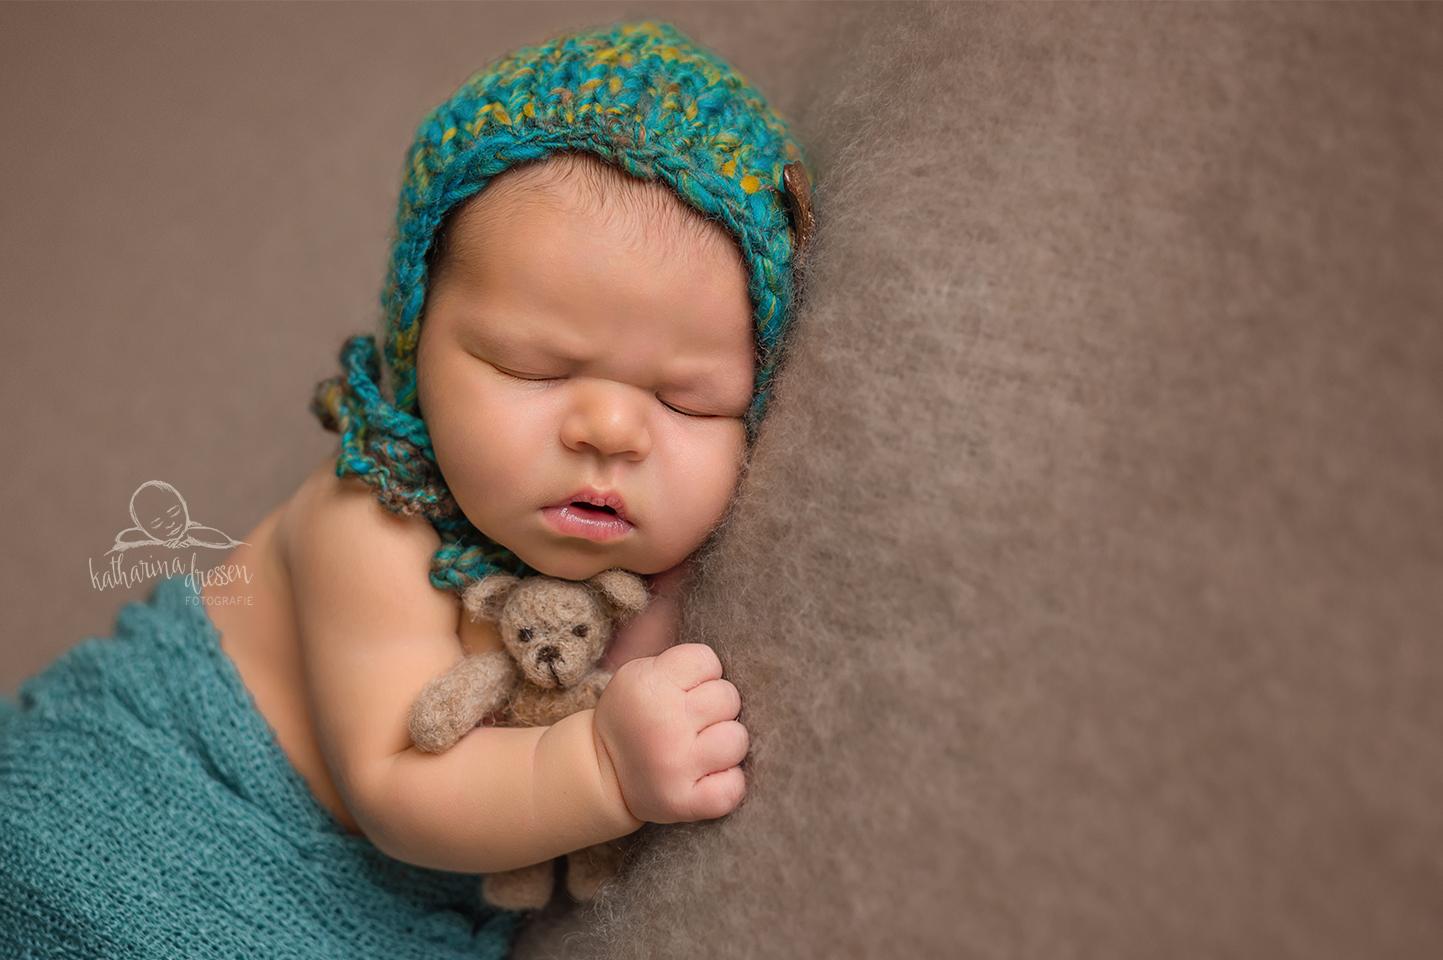 Babyfotos_Babyfotograf_Koeln_Baby_newborn_Fotograf_besondere_Babyfotos